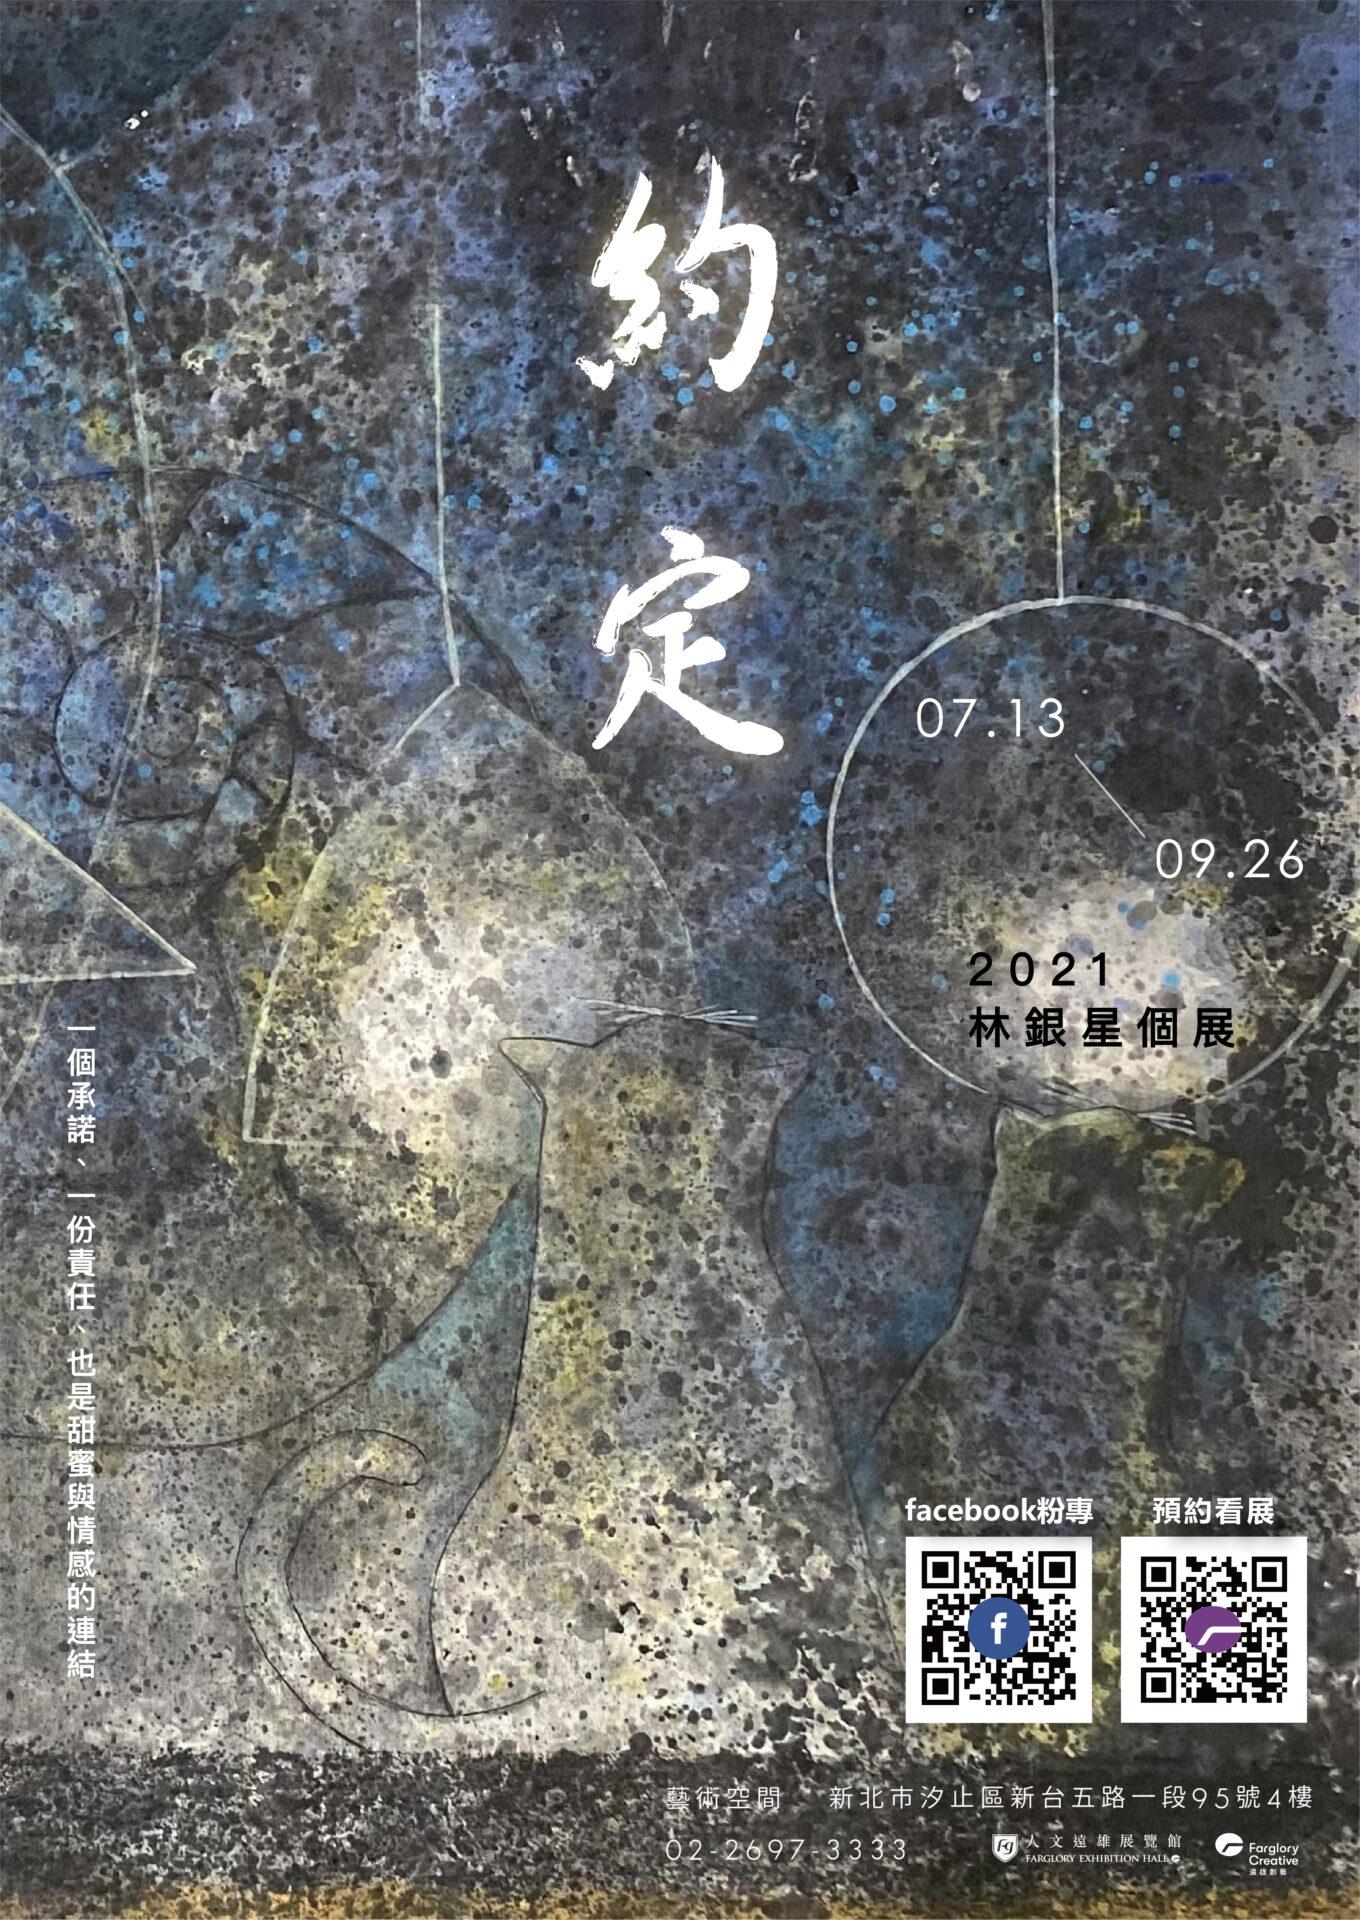 人文遠雄展覽館:7/13-9/26【約定-林銀星個展】